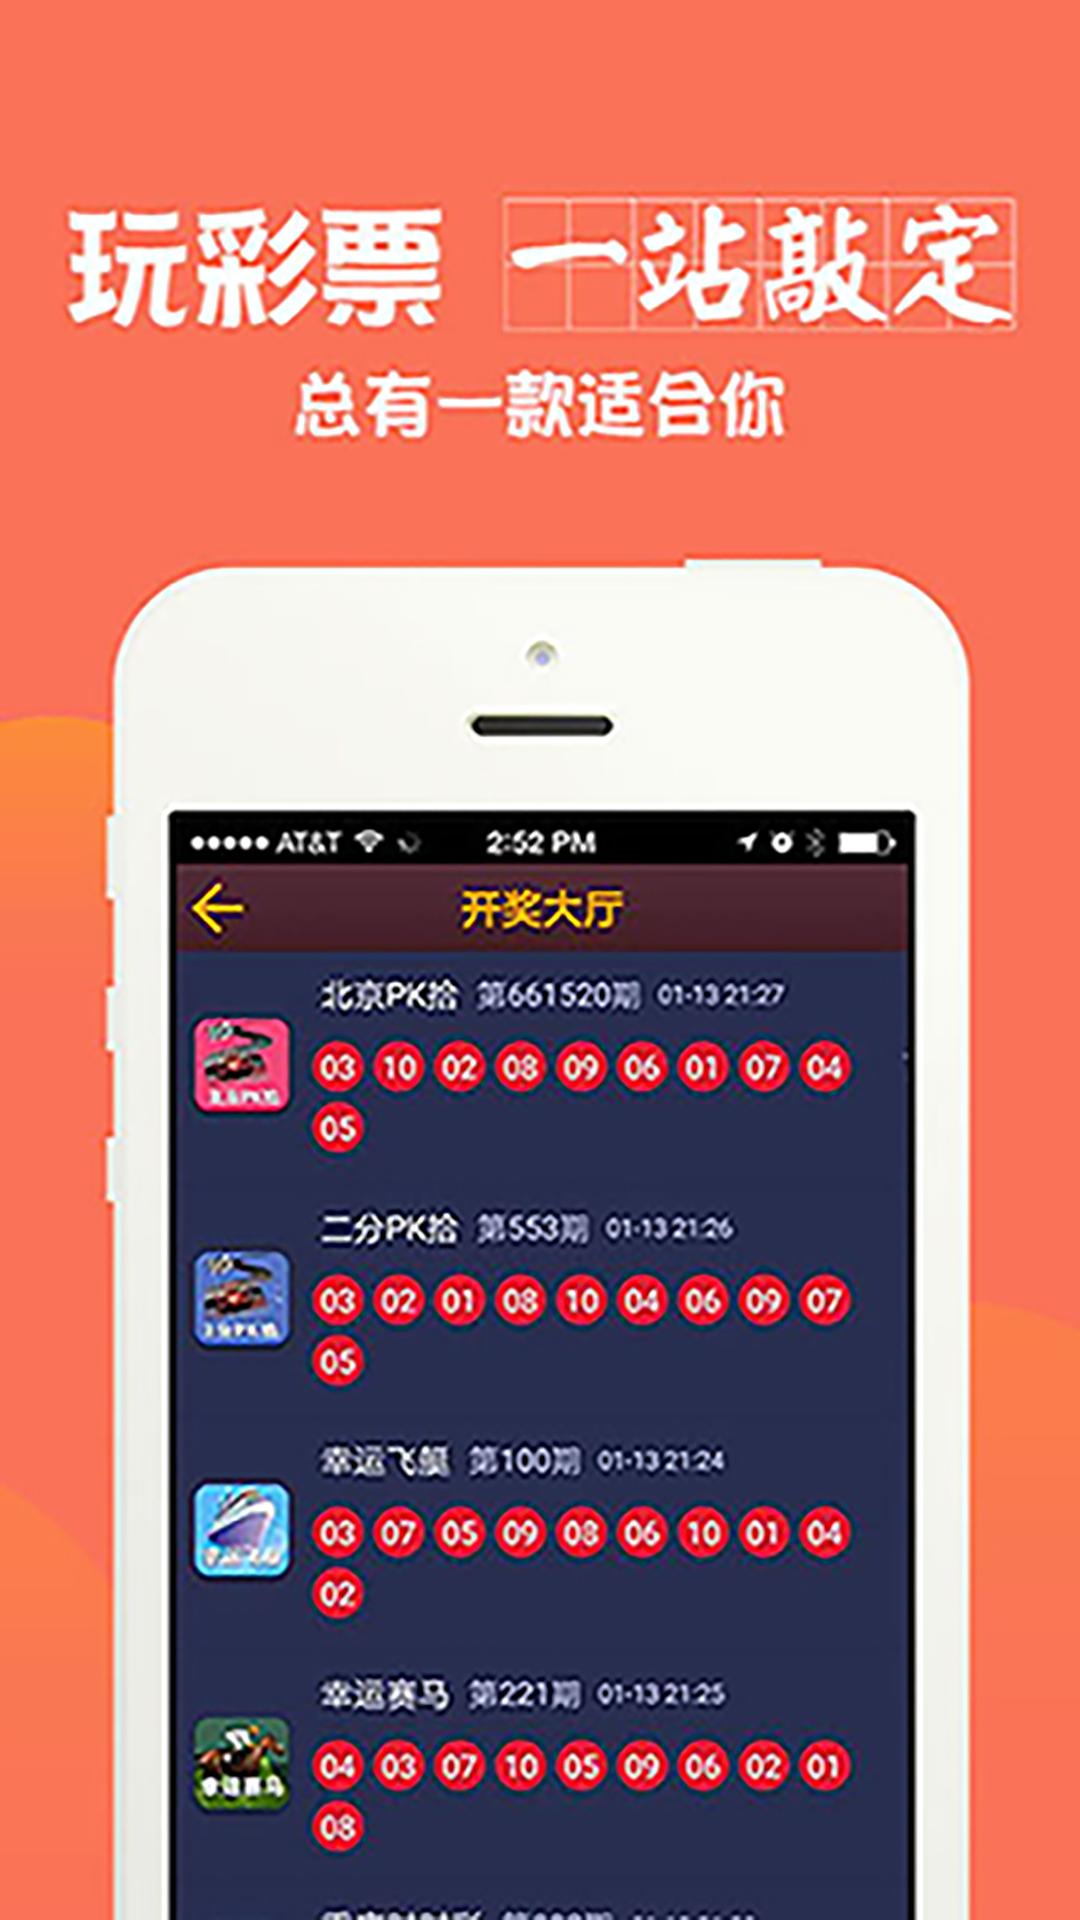 全球彩票 V2.10.11 安卓版截图4